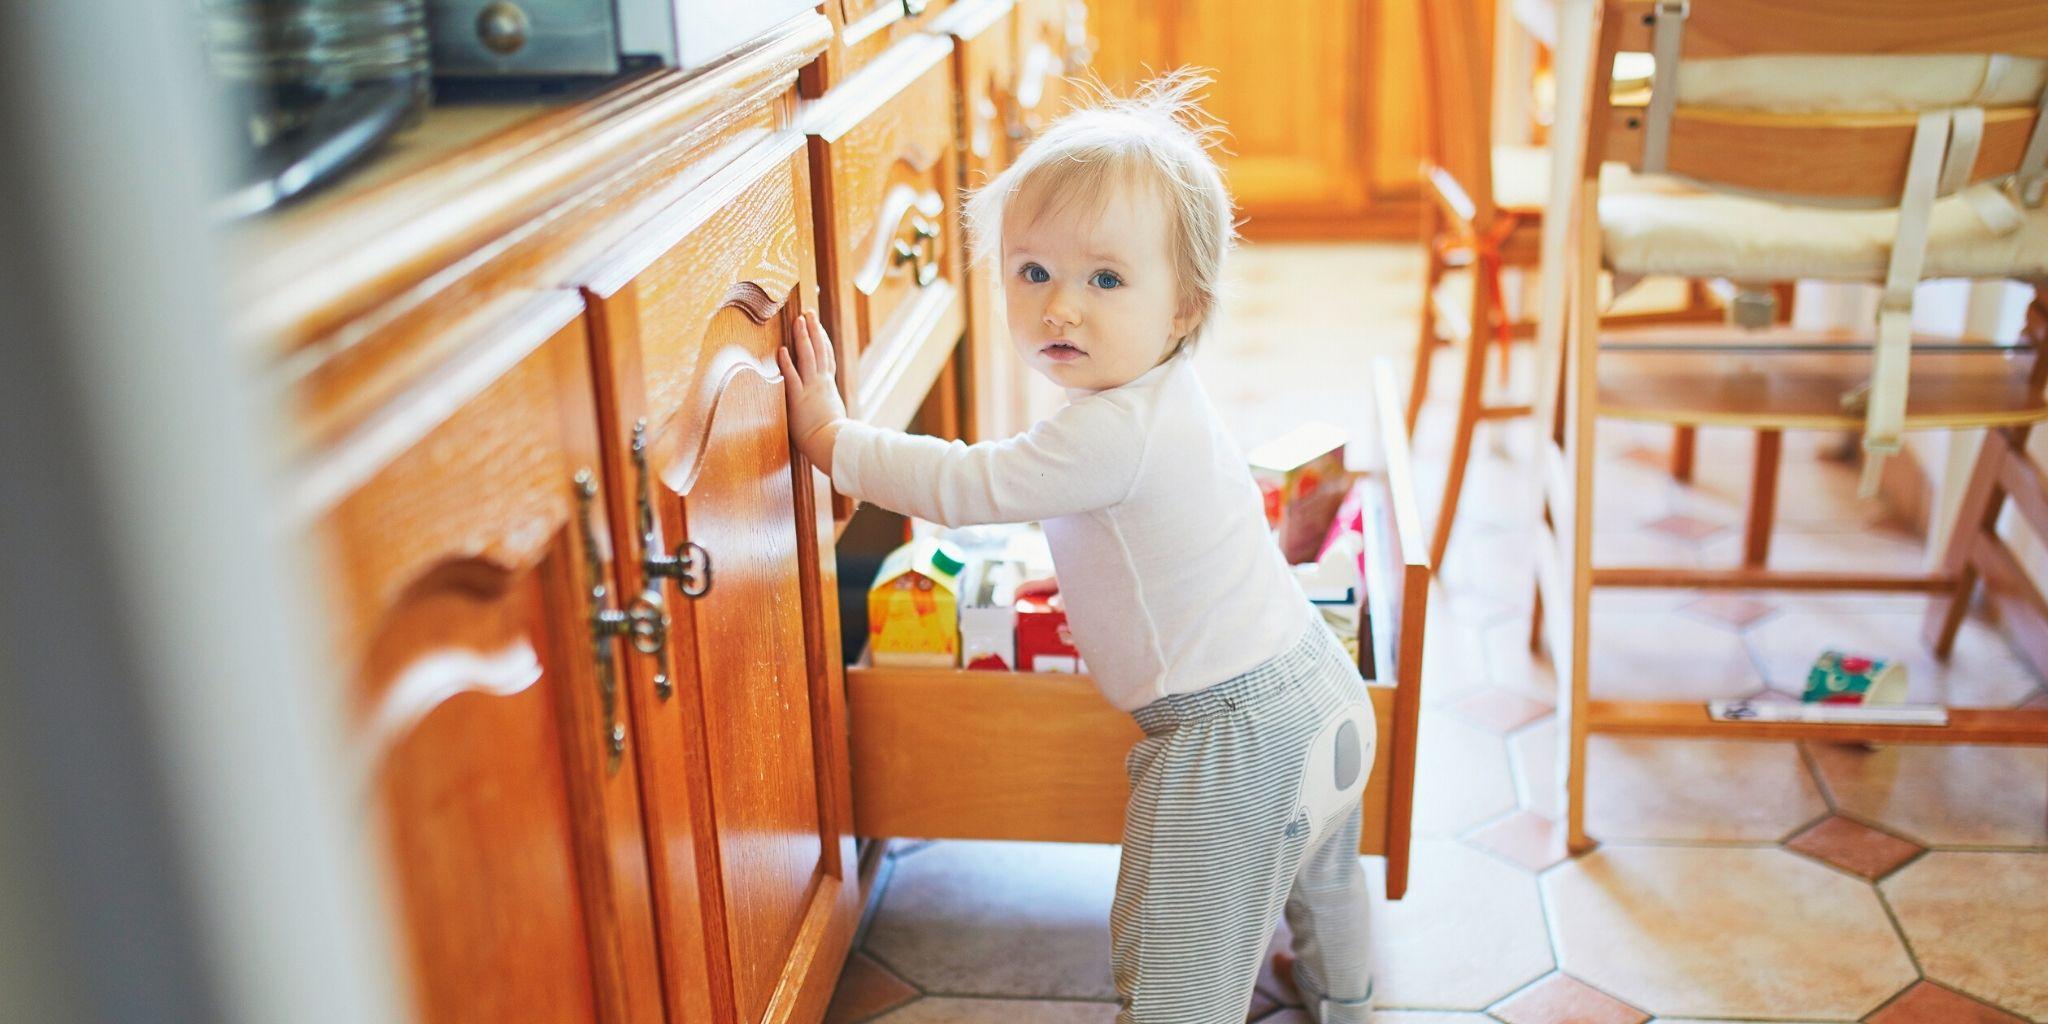 Checkliste Kindersicherheit im Haushalt: so sind eure Kinder sicher